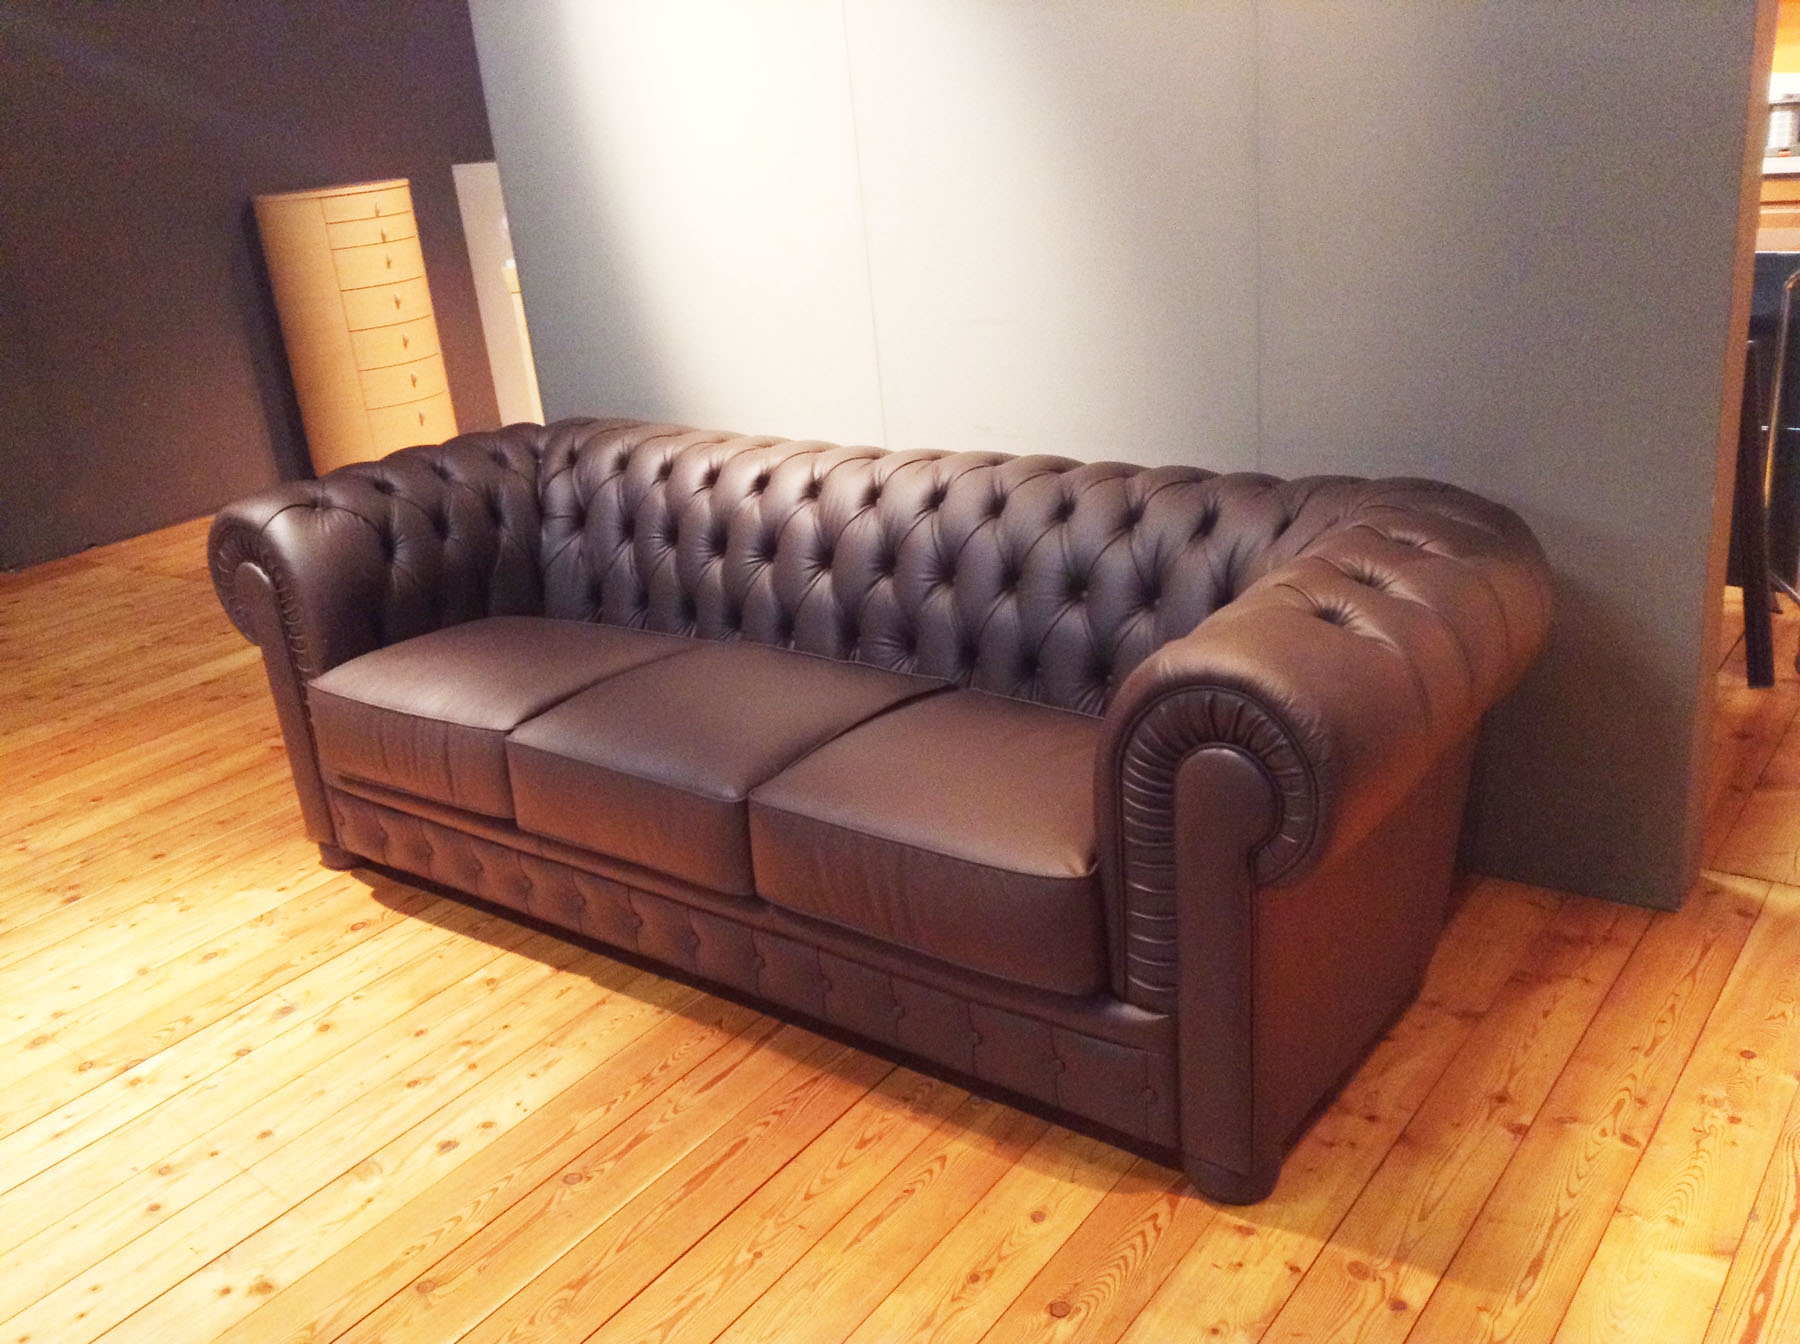 Outlet divano chester realizzato a mano in vera pelle scontato del 40 divani a prezzi scontati - Outlet del divano assago ...